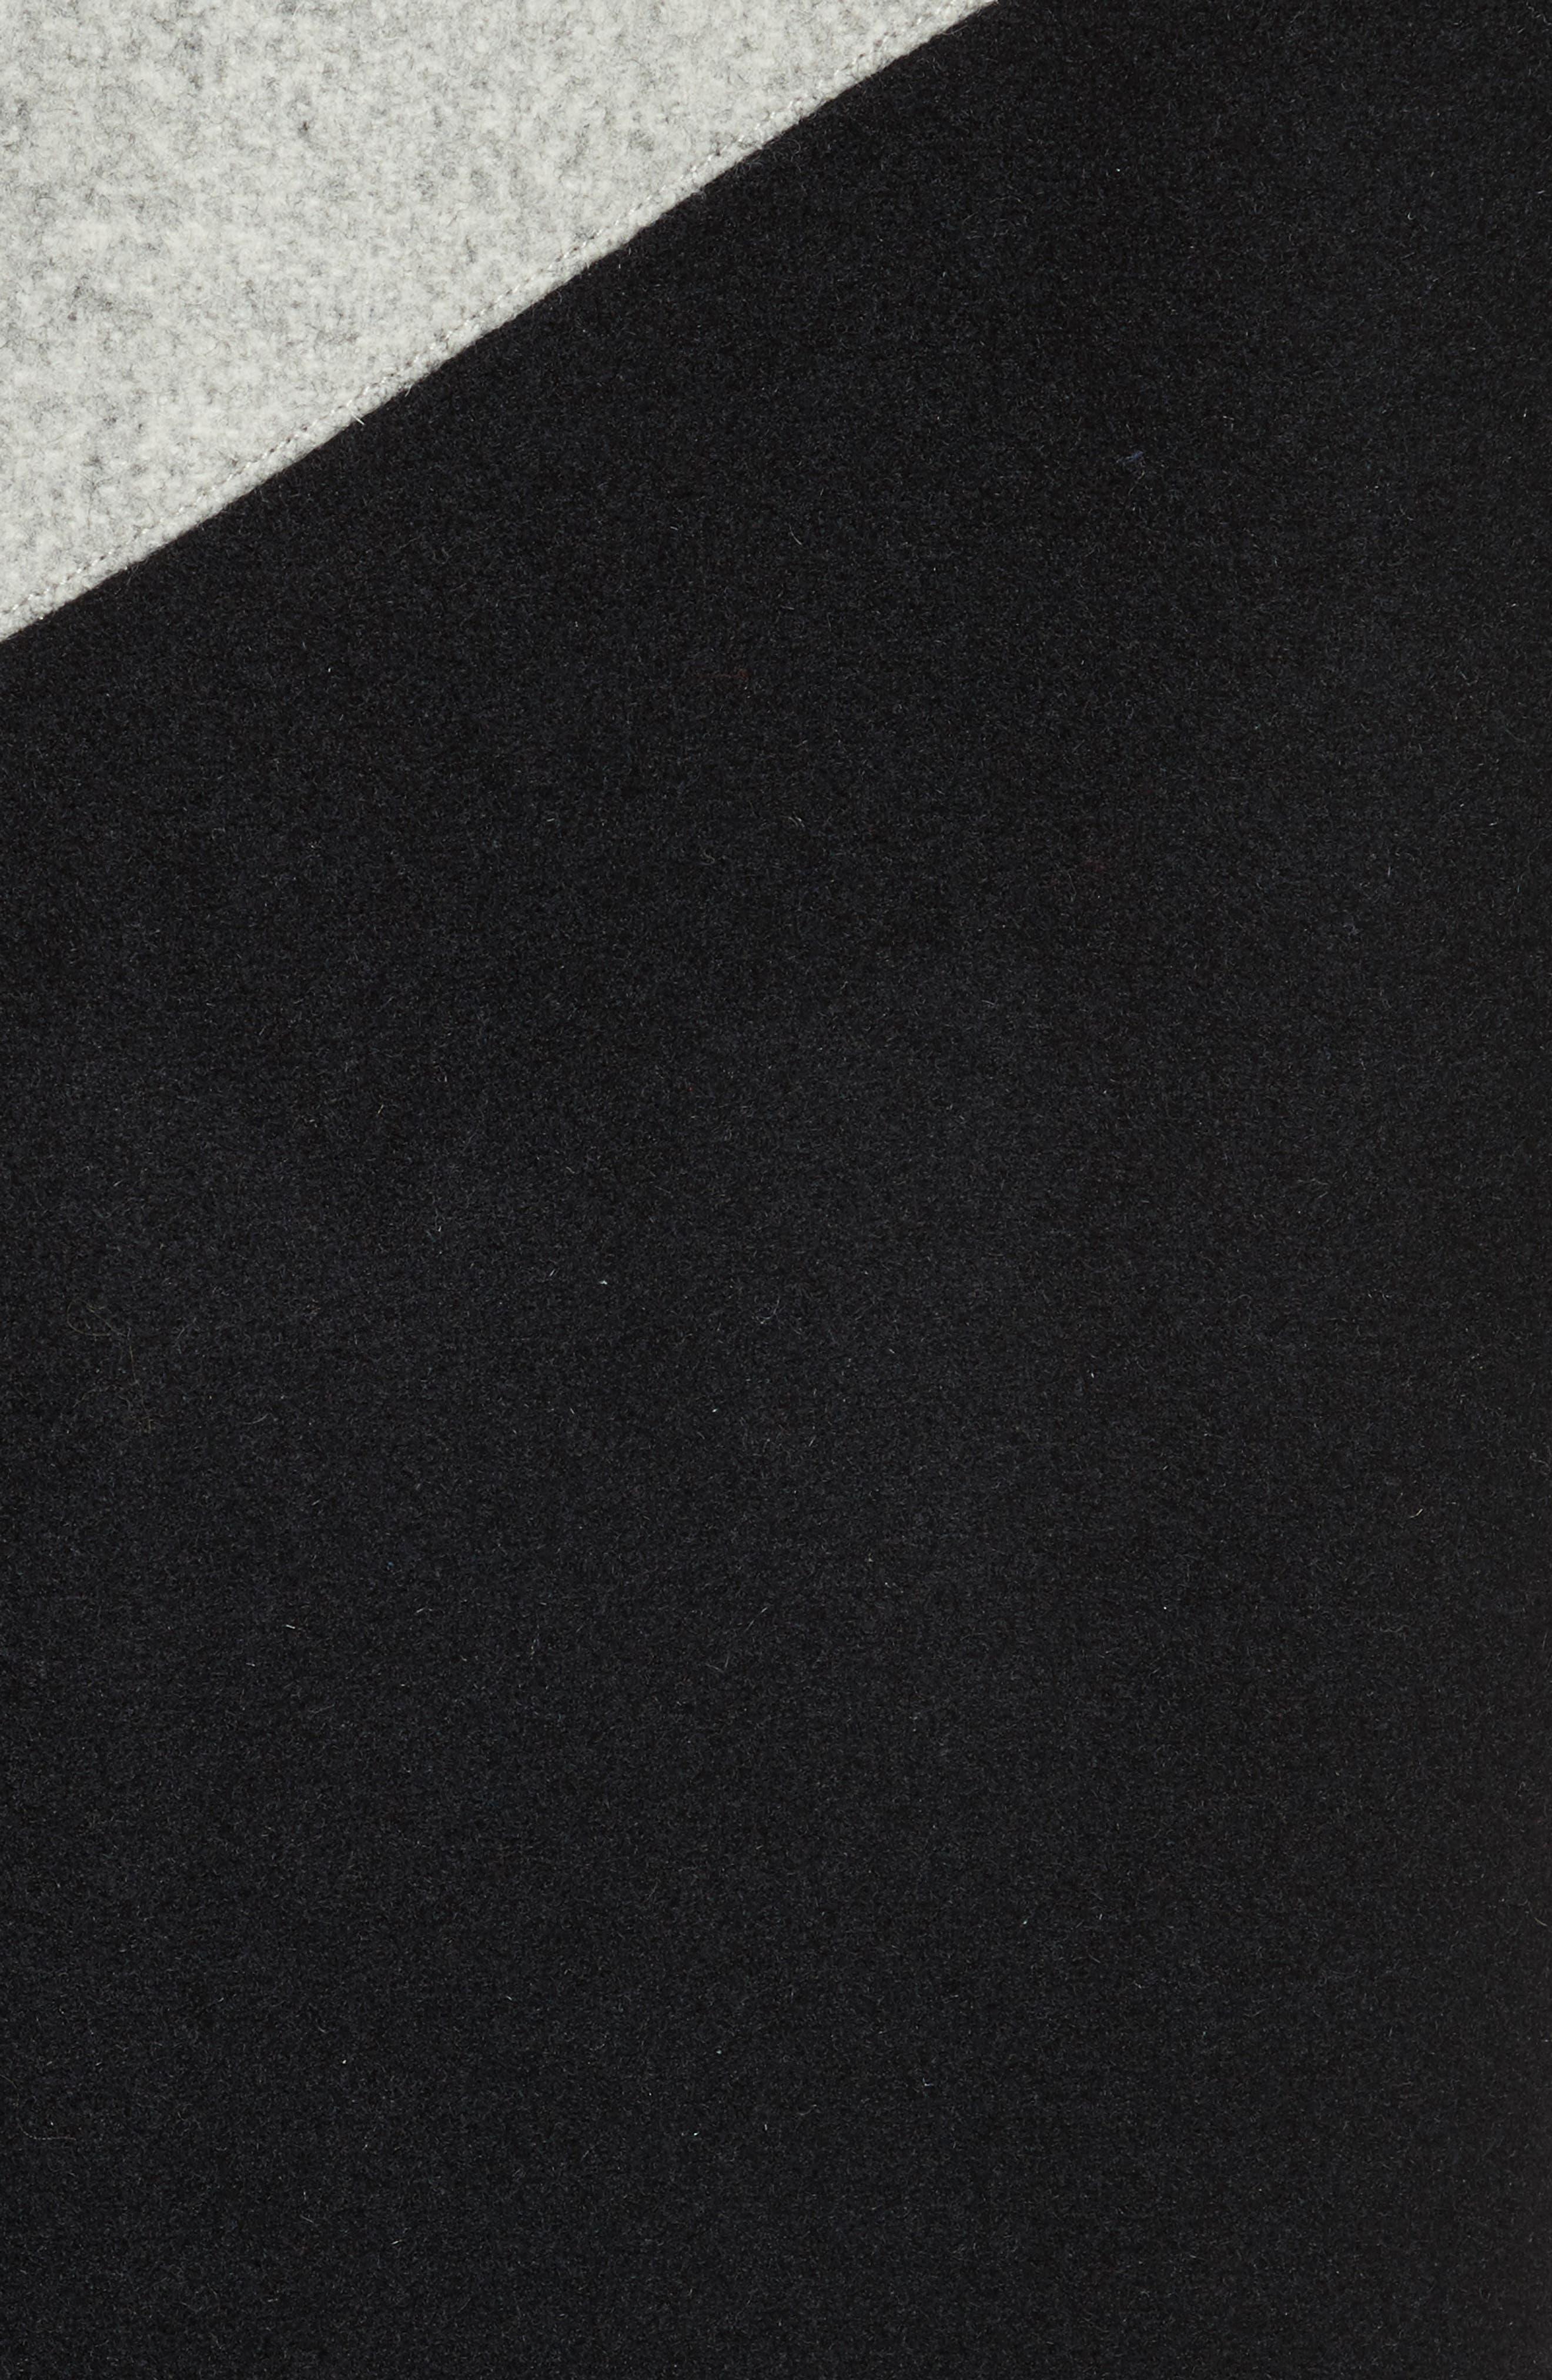 Alpha Long Varsity Jacket,                             Alternate thumbnail 5, color,                             Black